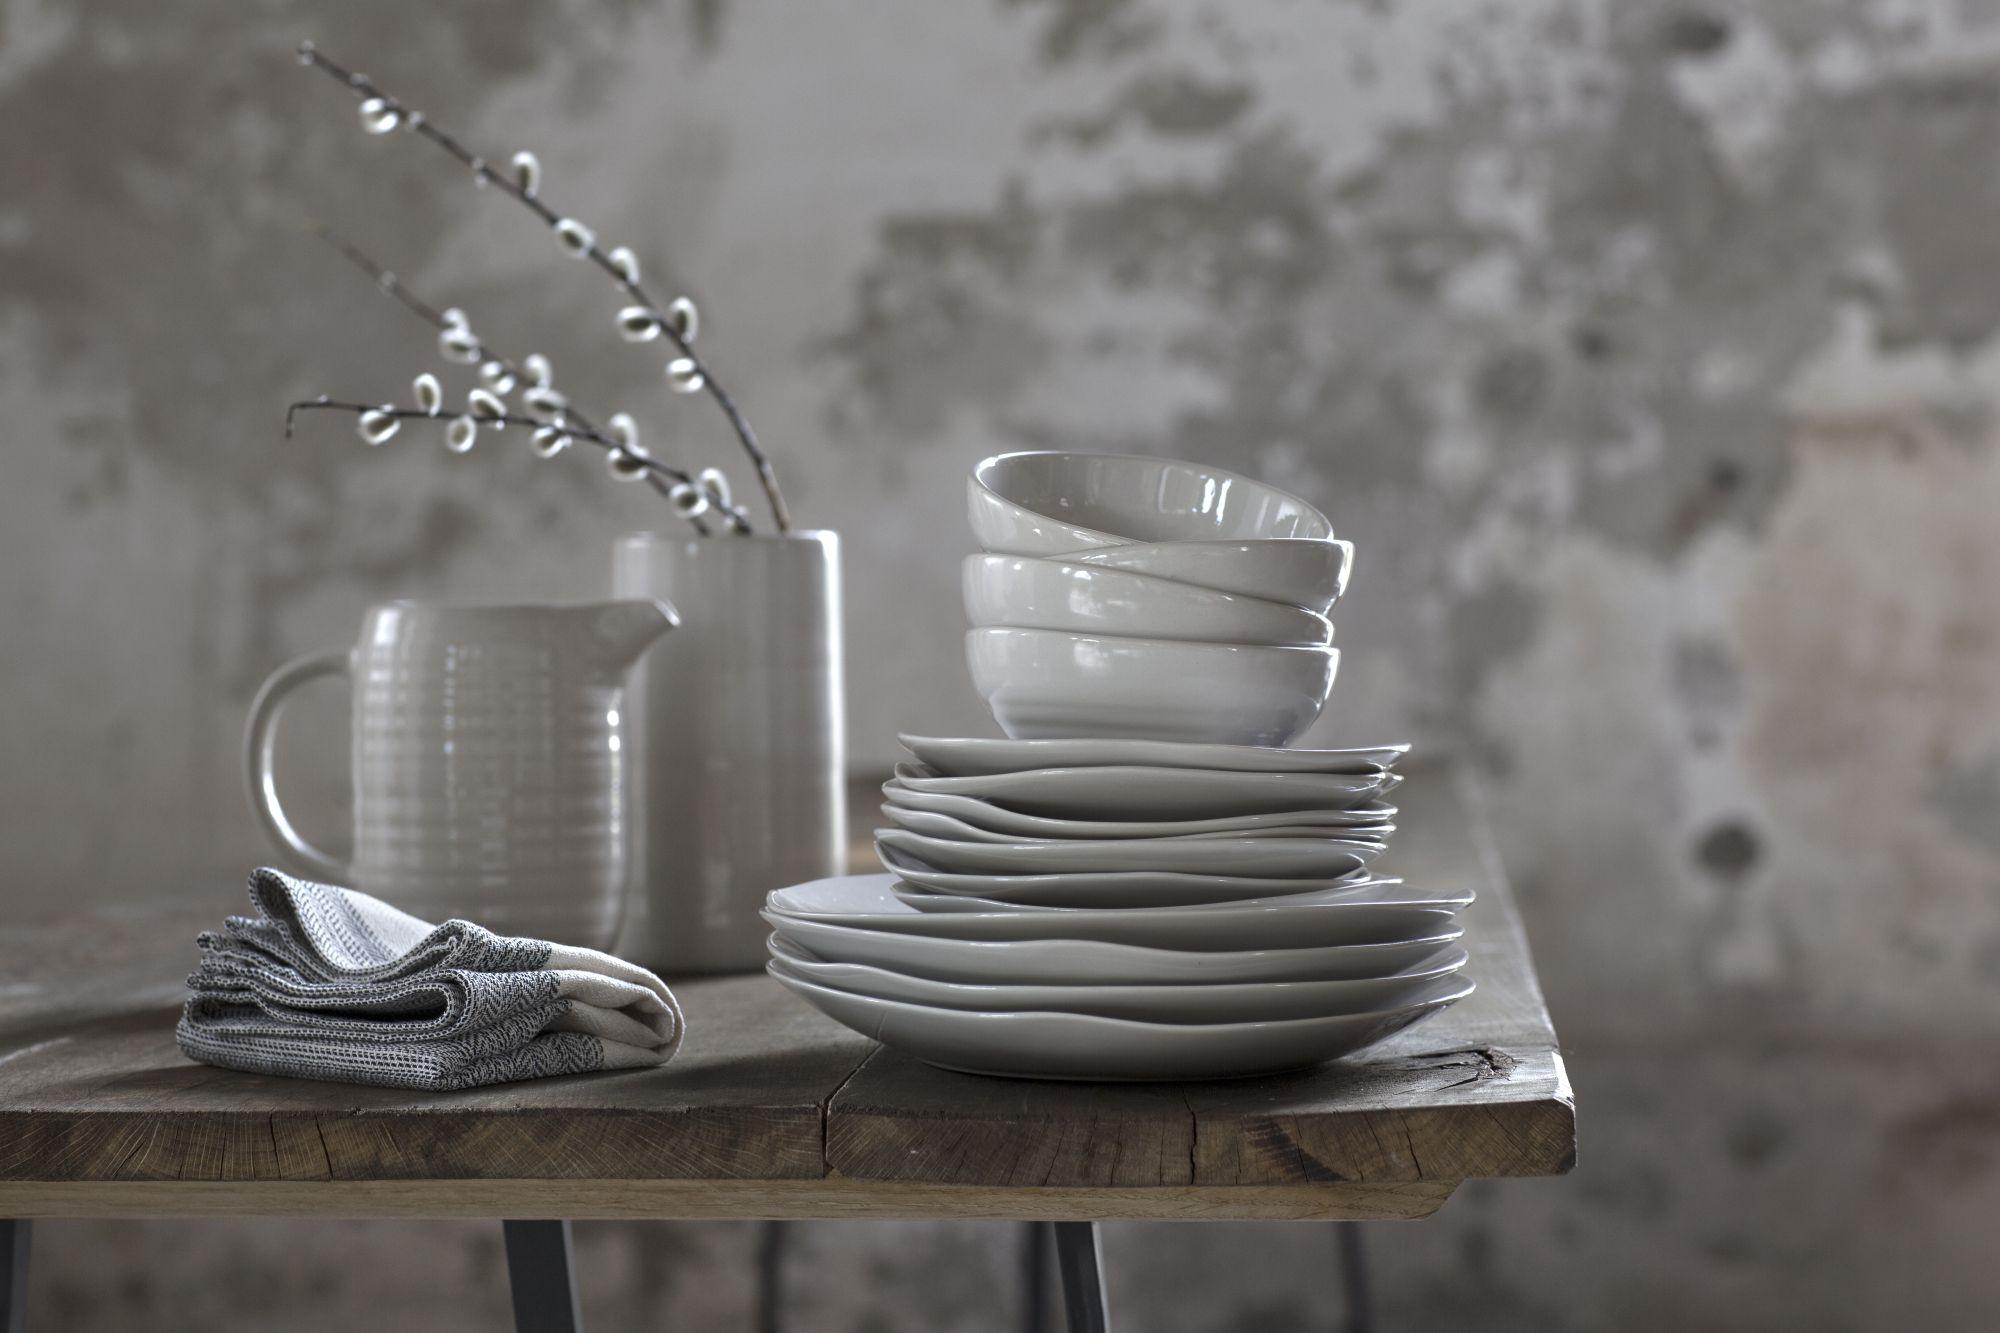 Weitere Kollektionen Entdecken Ikea Essen Ikea Keramik